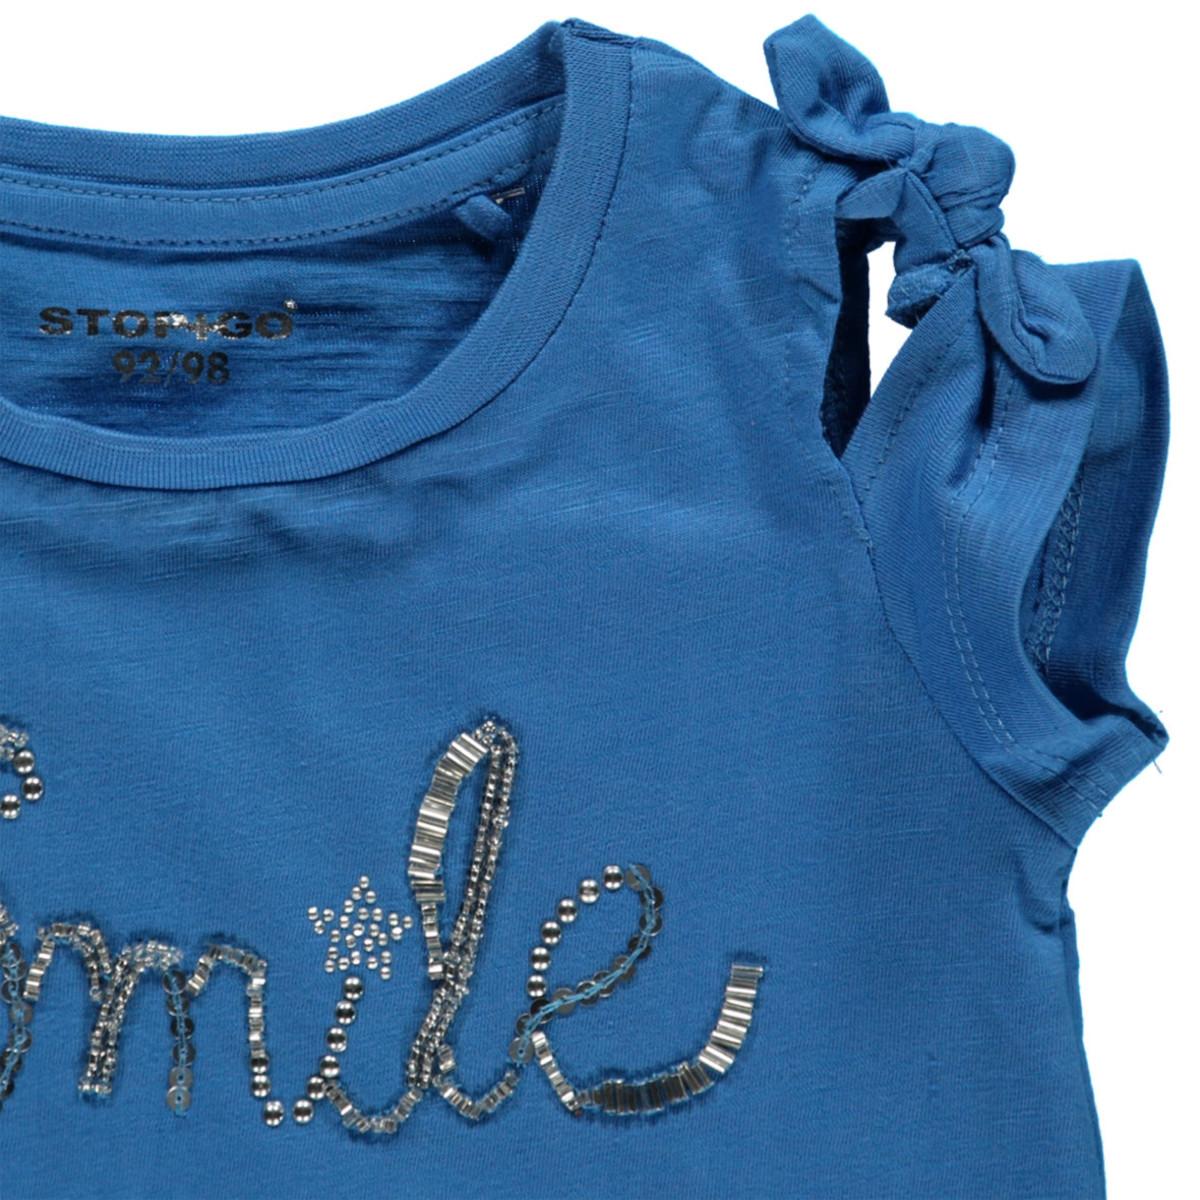 Bild 3 von Mädchen Shirt mit Perlen, Pailletten und Nieten